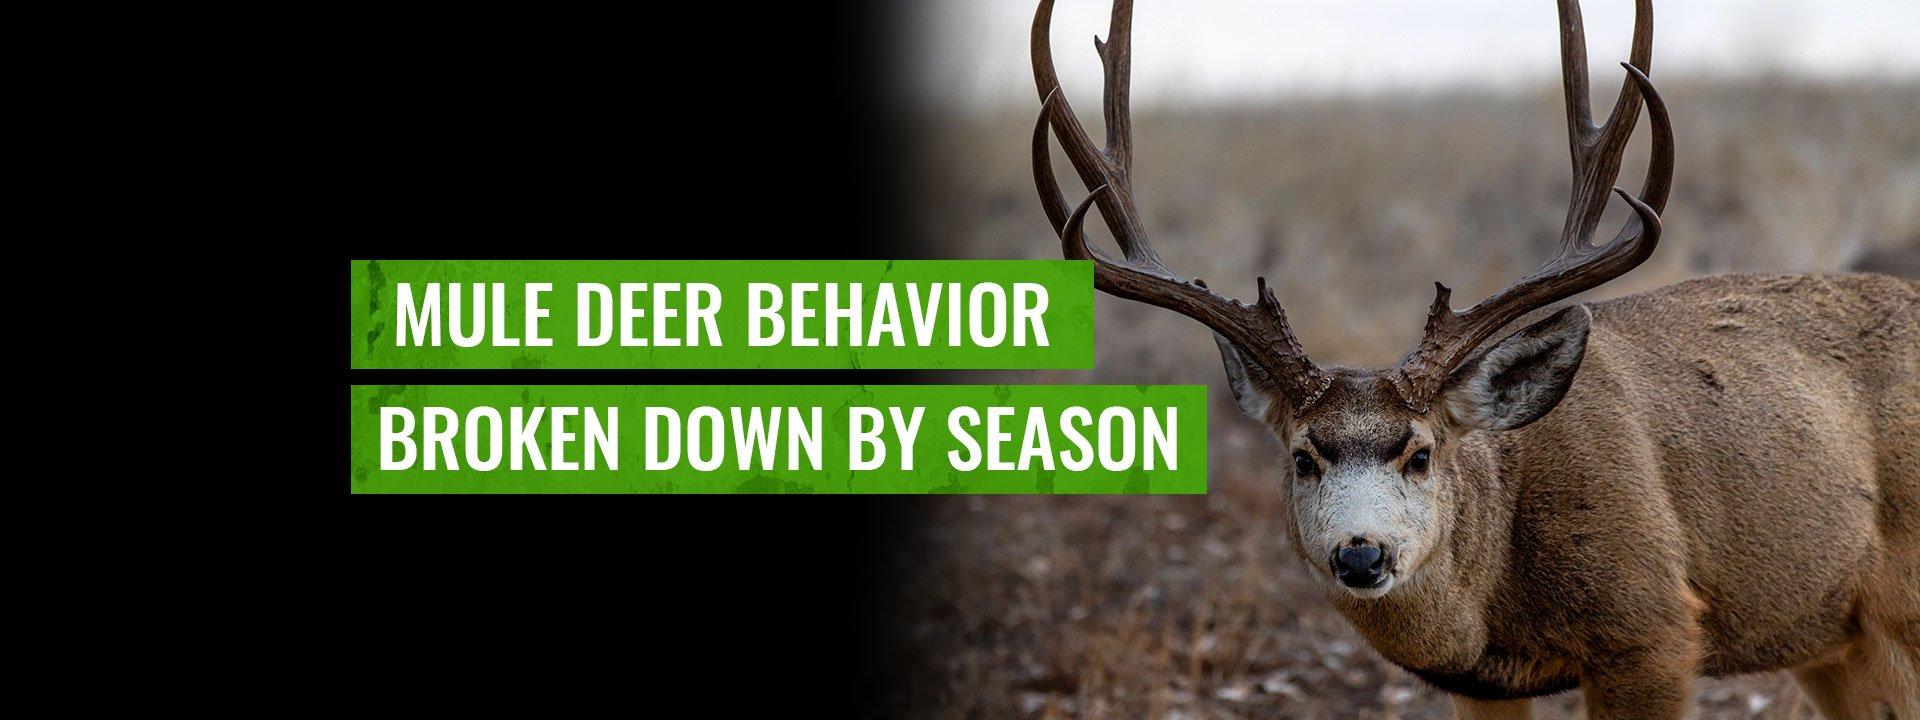 Mule Deer Behavior Month-By-Month